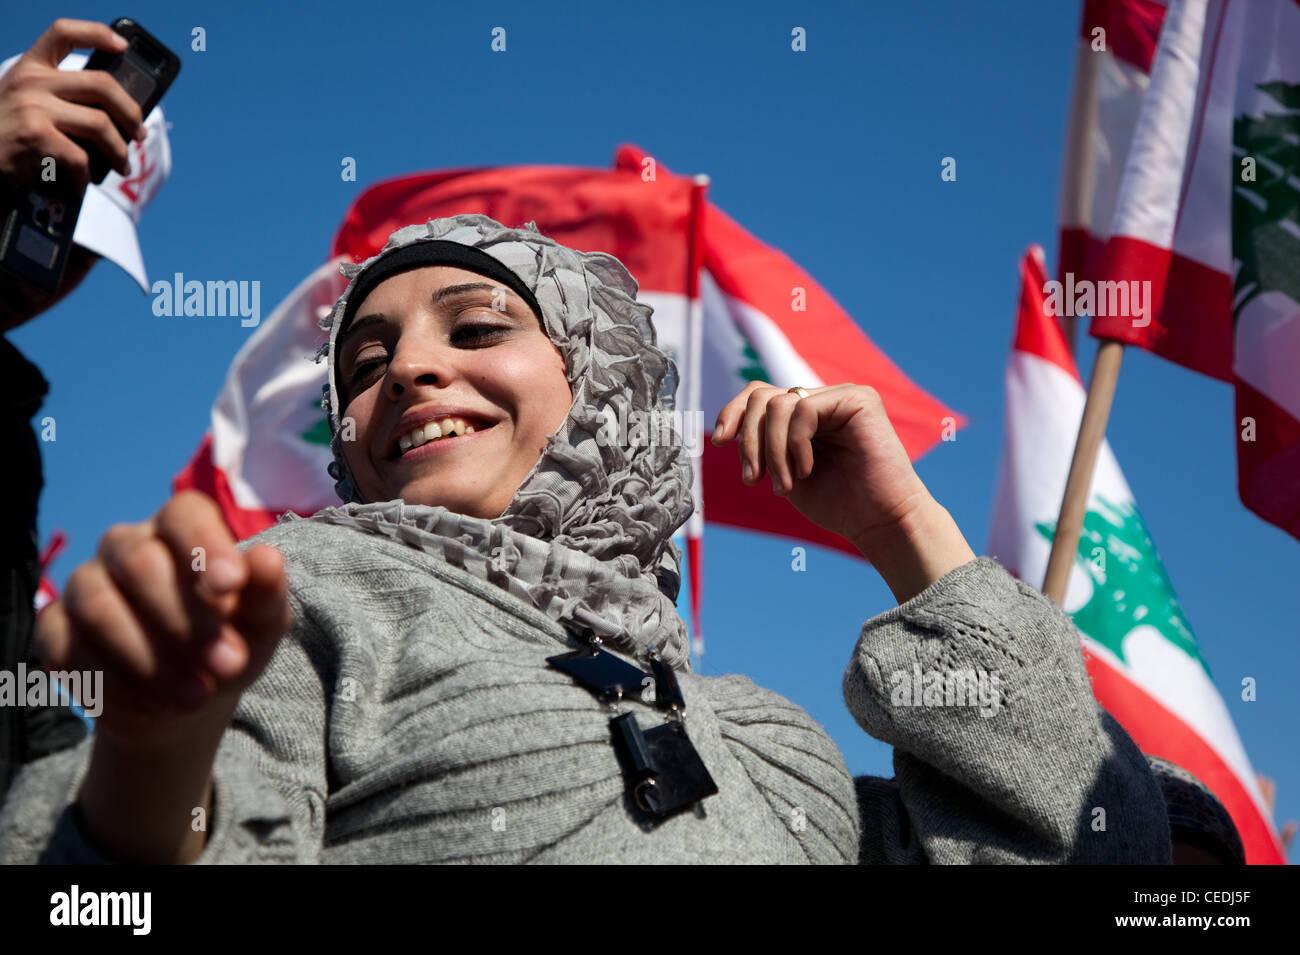 Jeune femme au foulard élégant sourit et danses en close-up à un rassemblement politique à la Photo Stock